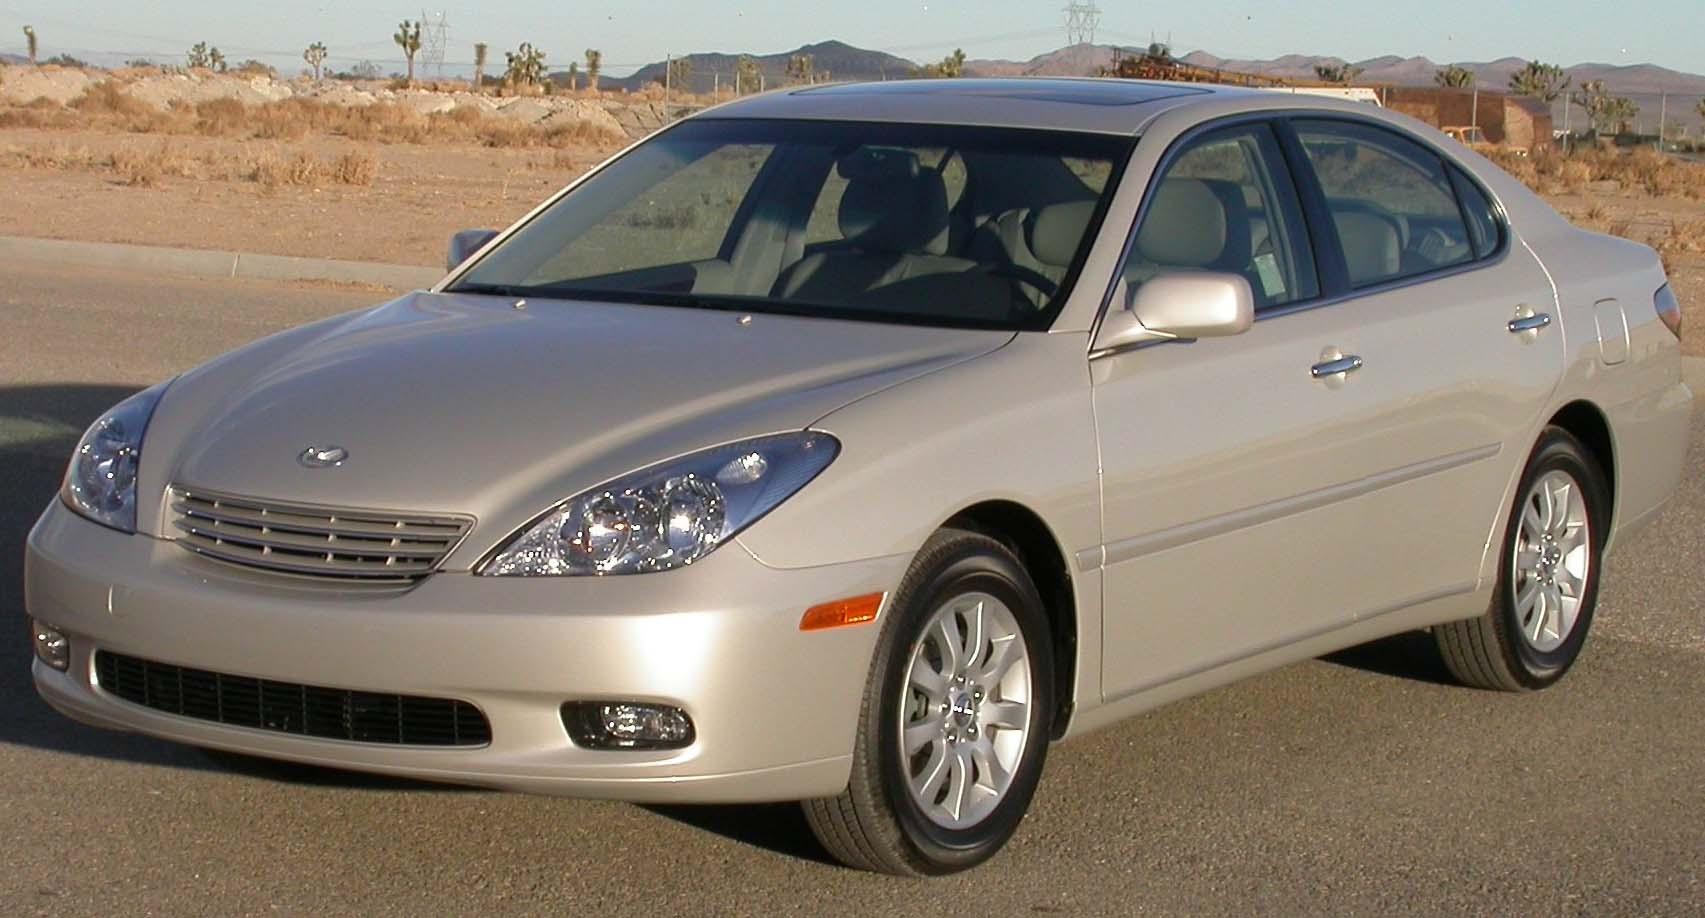 2004 Lexus ES 330 #11 Lexus ES 330 #11